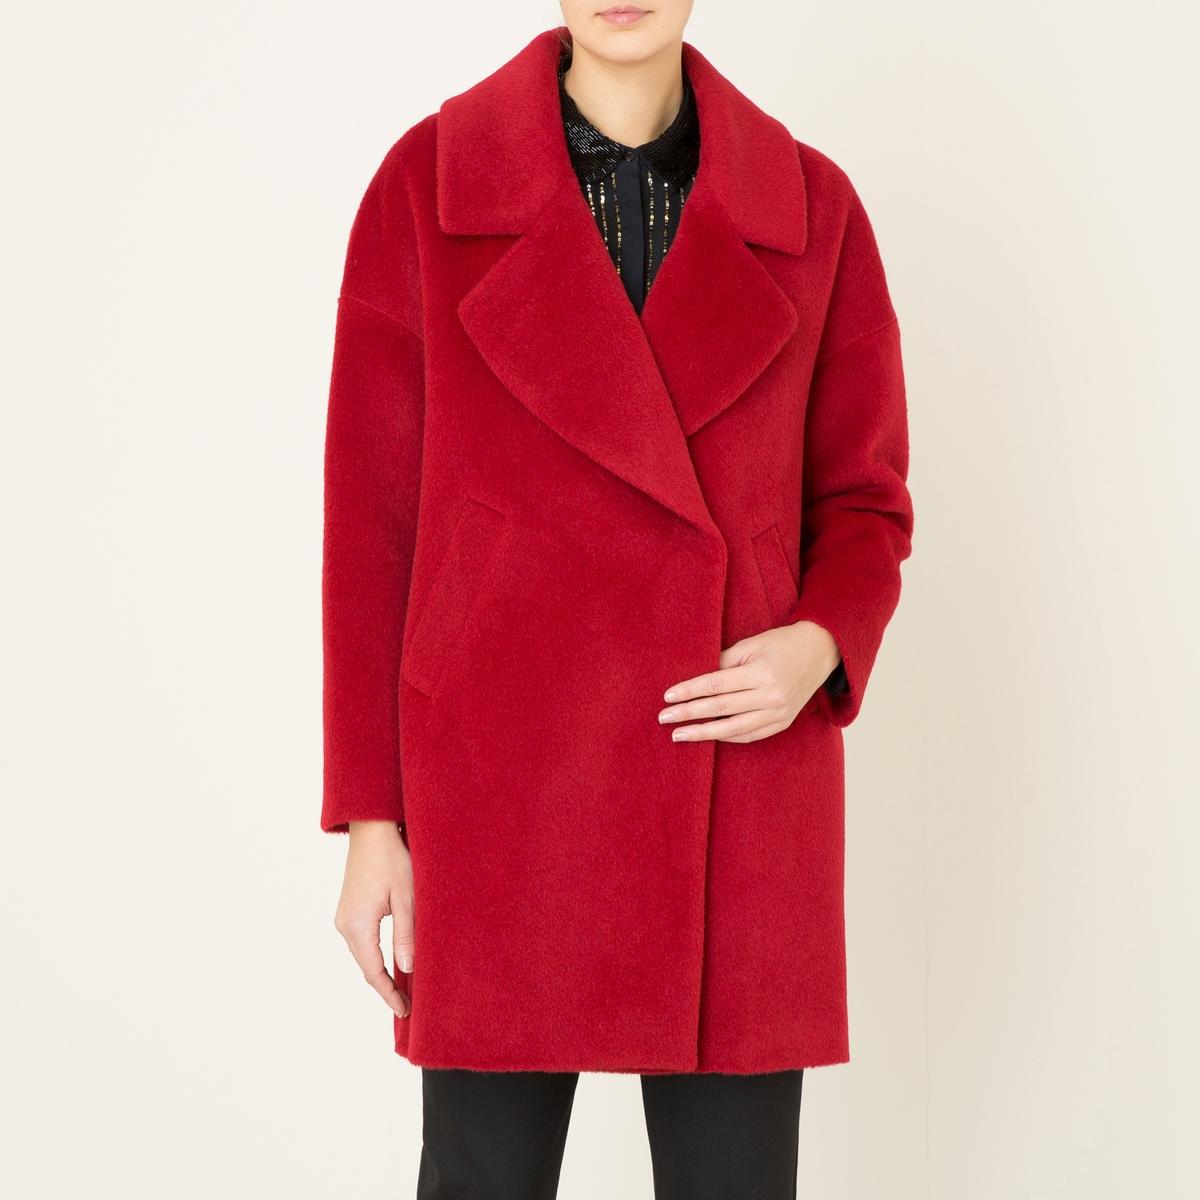 Пальто покроя оверсайзПальто LA BRAND BOUTIQUE - покрой оверсайз, средней длины. Широкий костюмный зубчатый воротник. Боковые карманы реглан. С запахом. Застежка на 2 кнопки. Полностью на подкладке. Состав и описание    Материал : 42% шерсти, 25% мохера, 25% альпаки, 8% полиамида   Подкладка    : 100% ацетат   Длина : посередине сзади 90 см. (для размера 36)   Марка : LA BRAND BOUTIQUE<br><br>Цвет: красный<br>Размер: 34 (FR) - 40 (RUS)